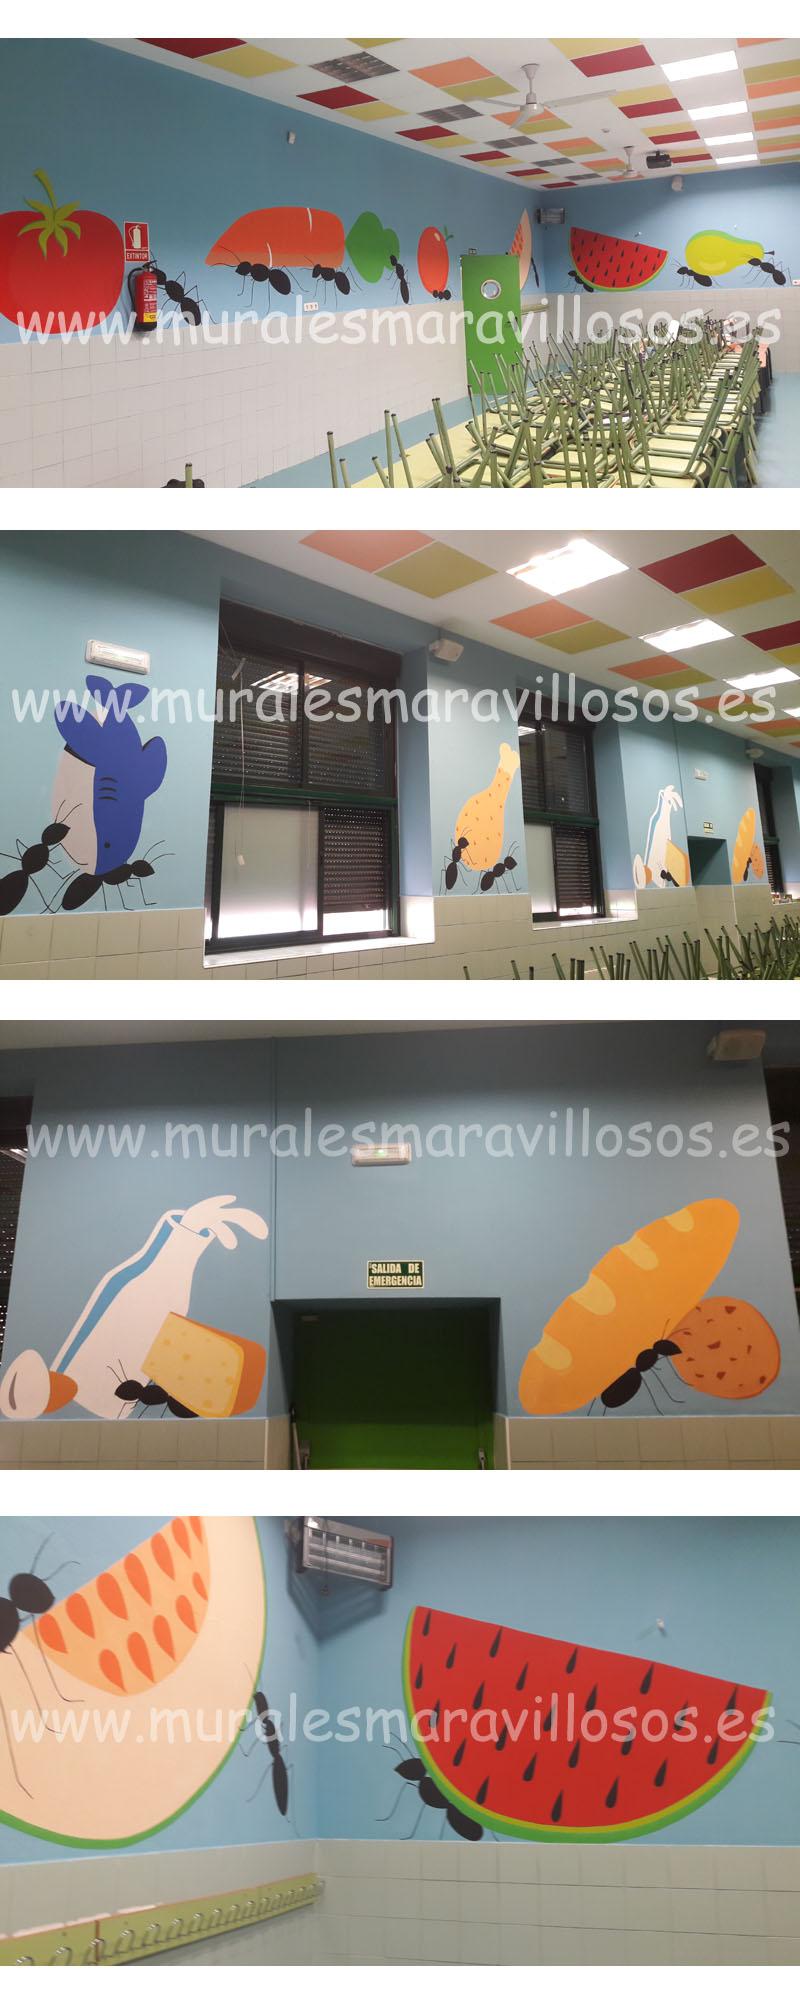 murales pintados en colegios y guarderias comedores escolares